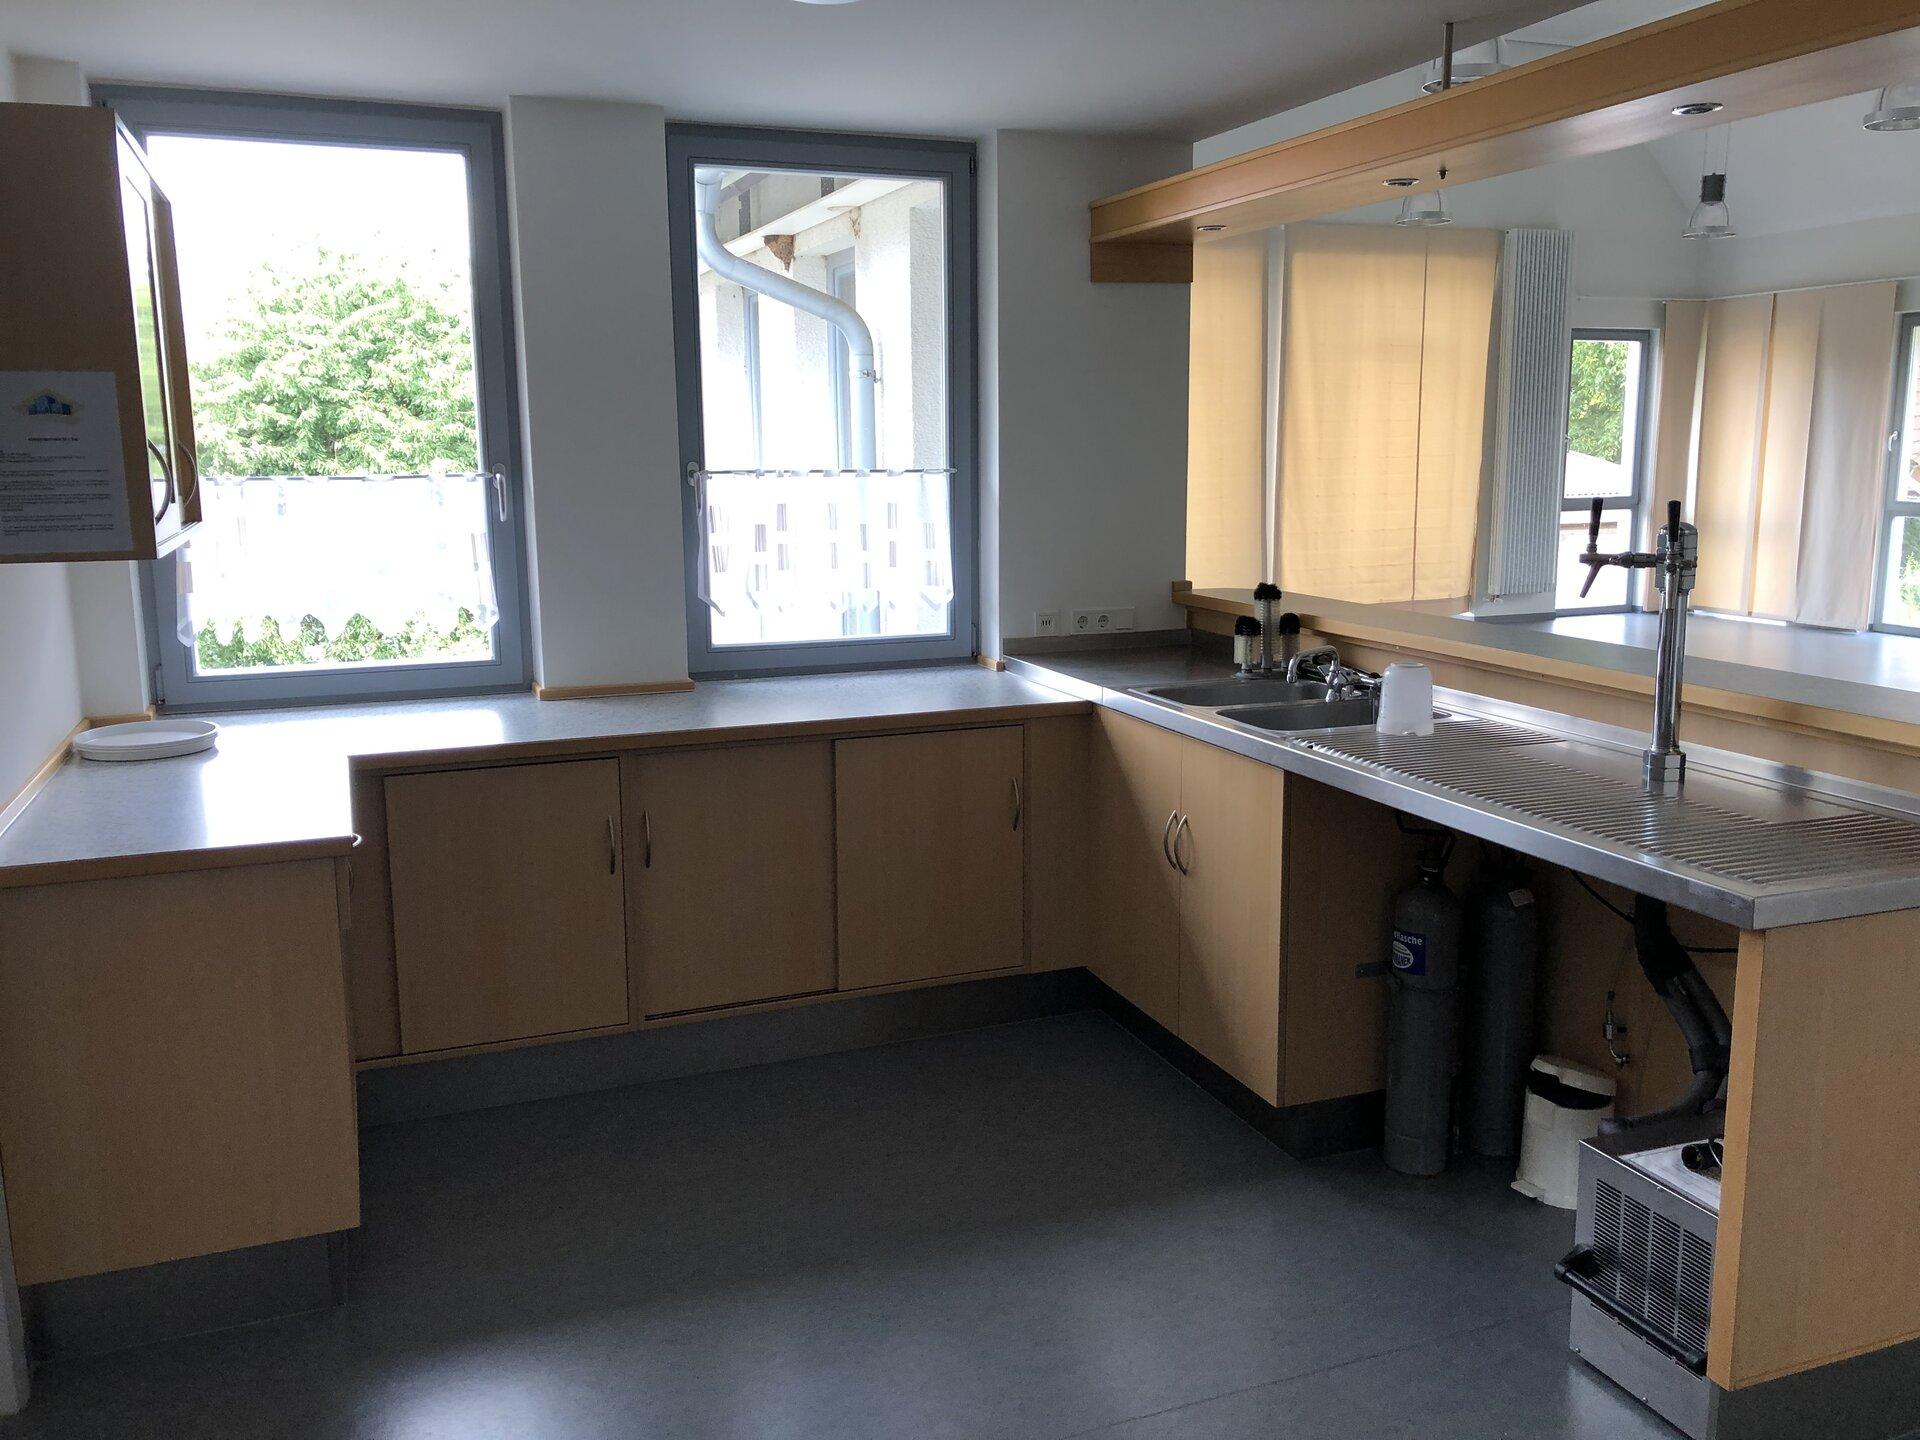 Blick in die Küche / Thekenbereich 1